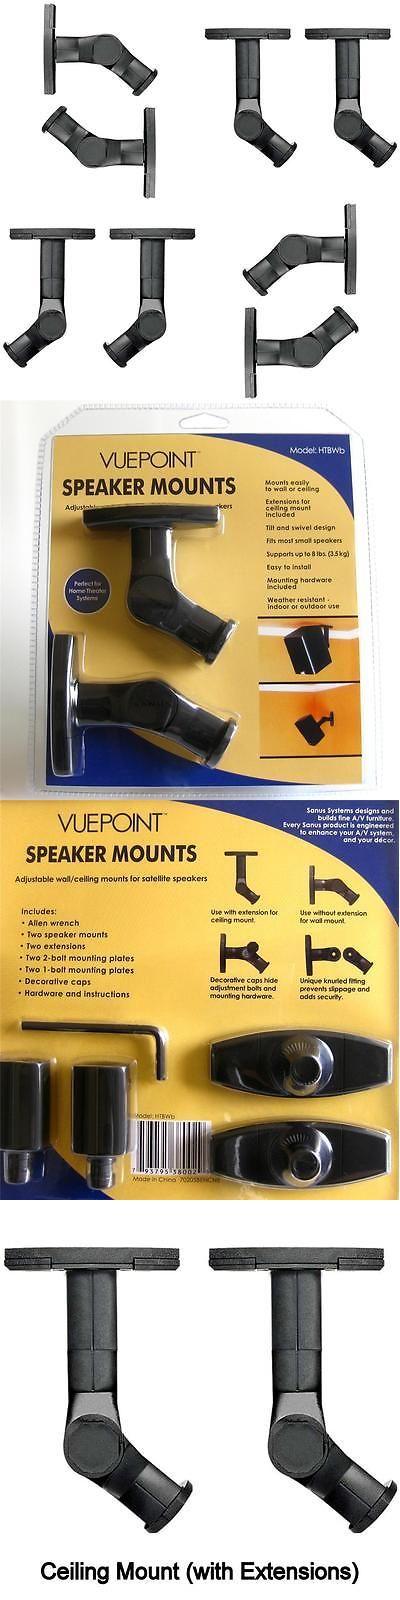 Speaker Mounts and Stands: (8) Sanus Brand Universal Tilt Swivel Black Speaker Wall Mounts Ceiling Brackets BUY IT NOW ONLY: $43.99